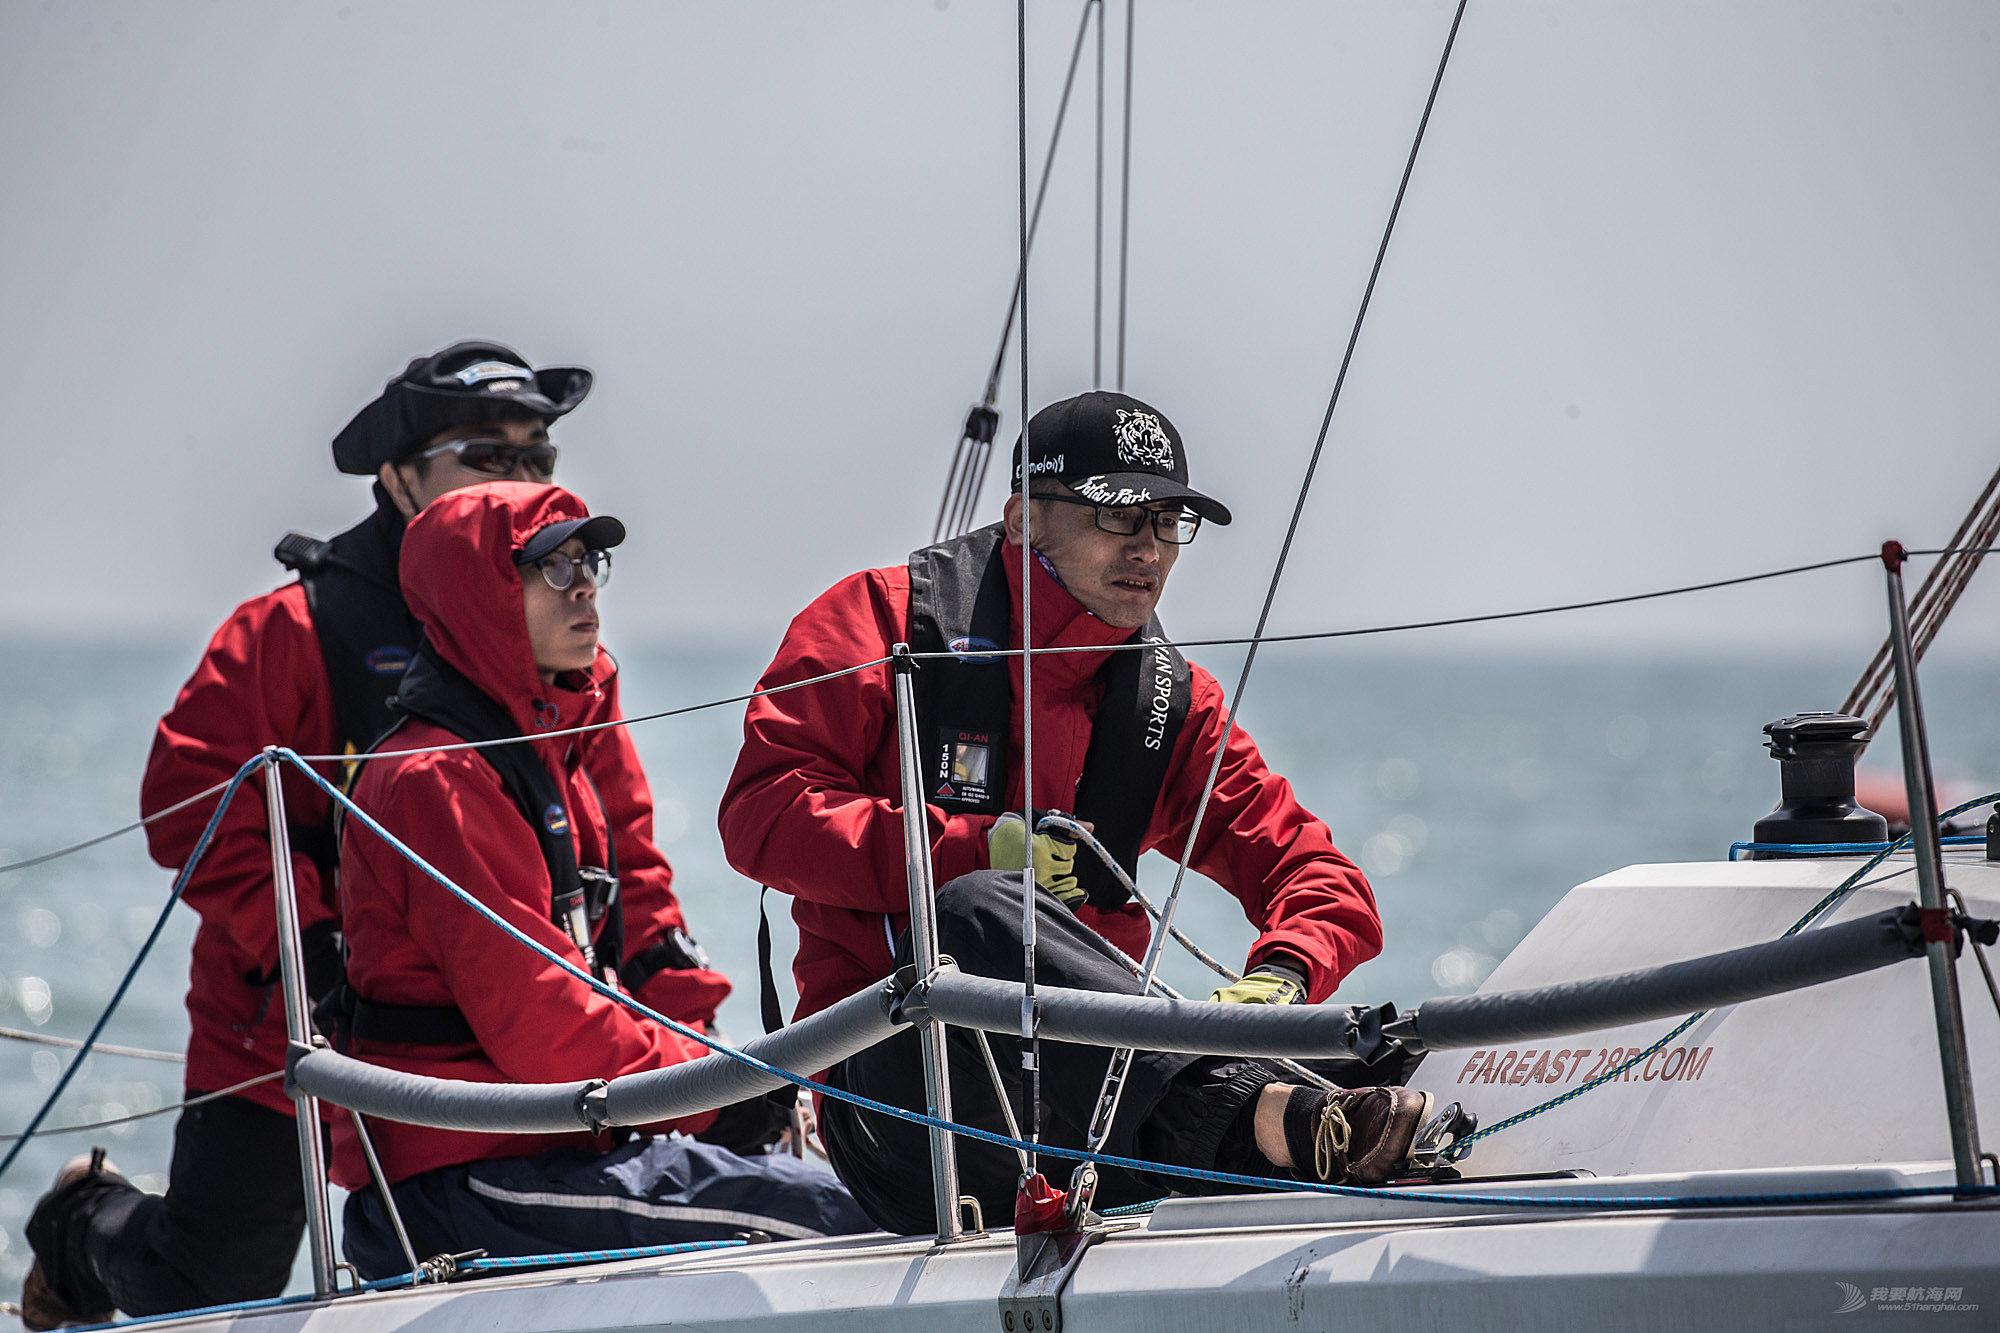 2019第十届CCOR帆船赛精彩图片11